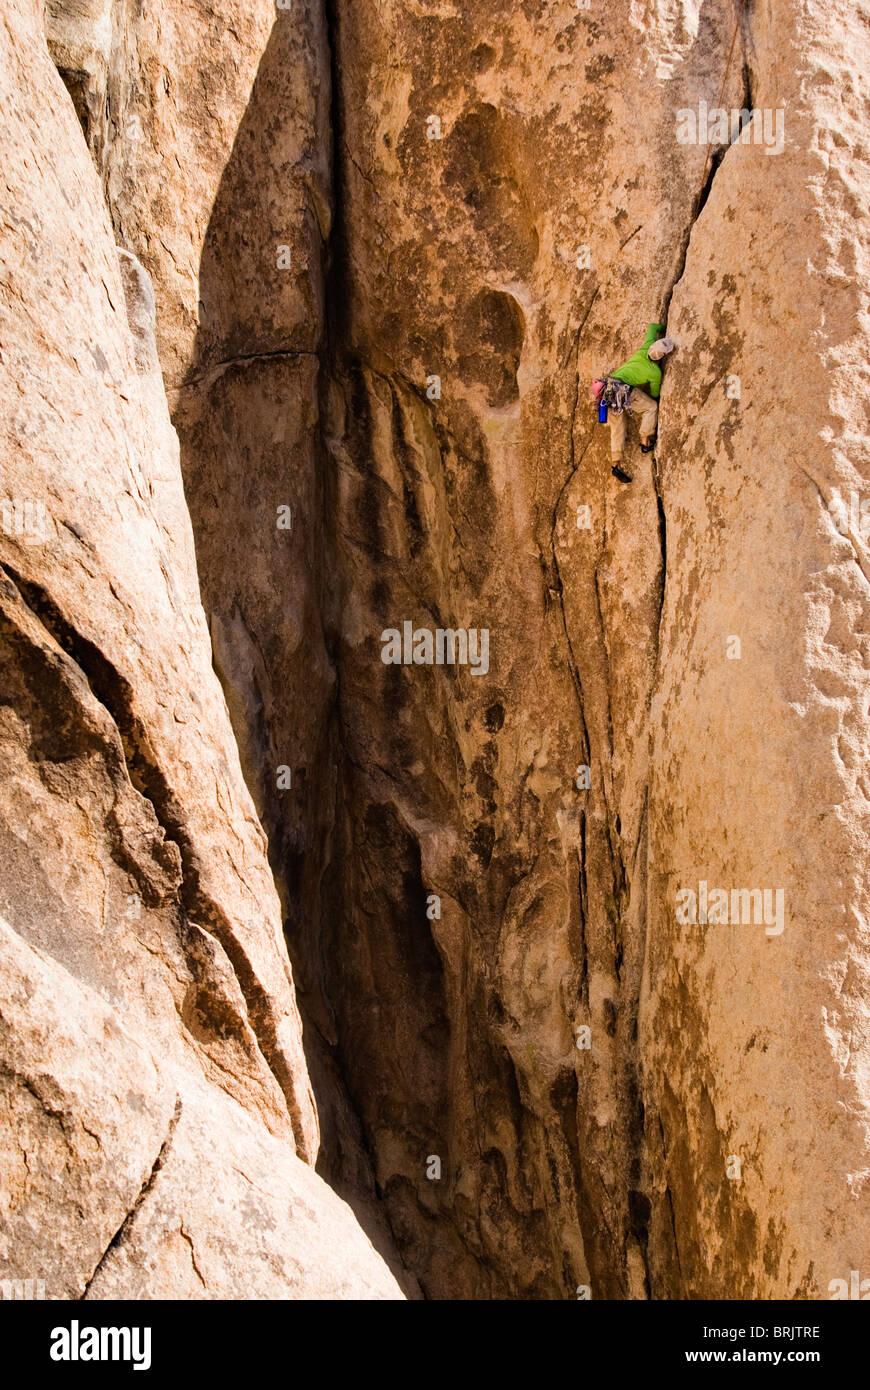 Ein junger Mann einen langen Riss klettern. Stockbild